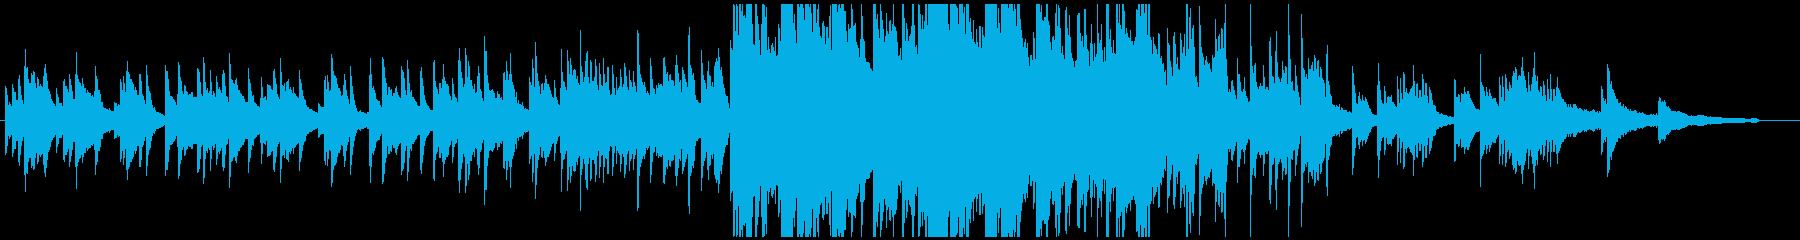 ピアノオンリーで徐々に壮大になる曲の再生済みの波形